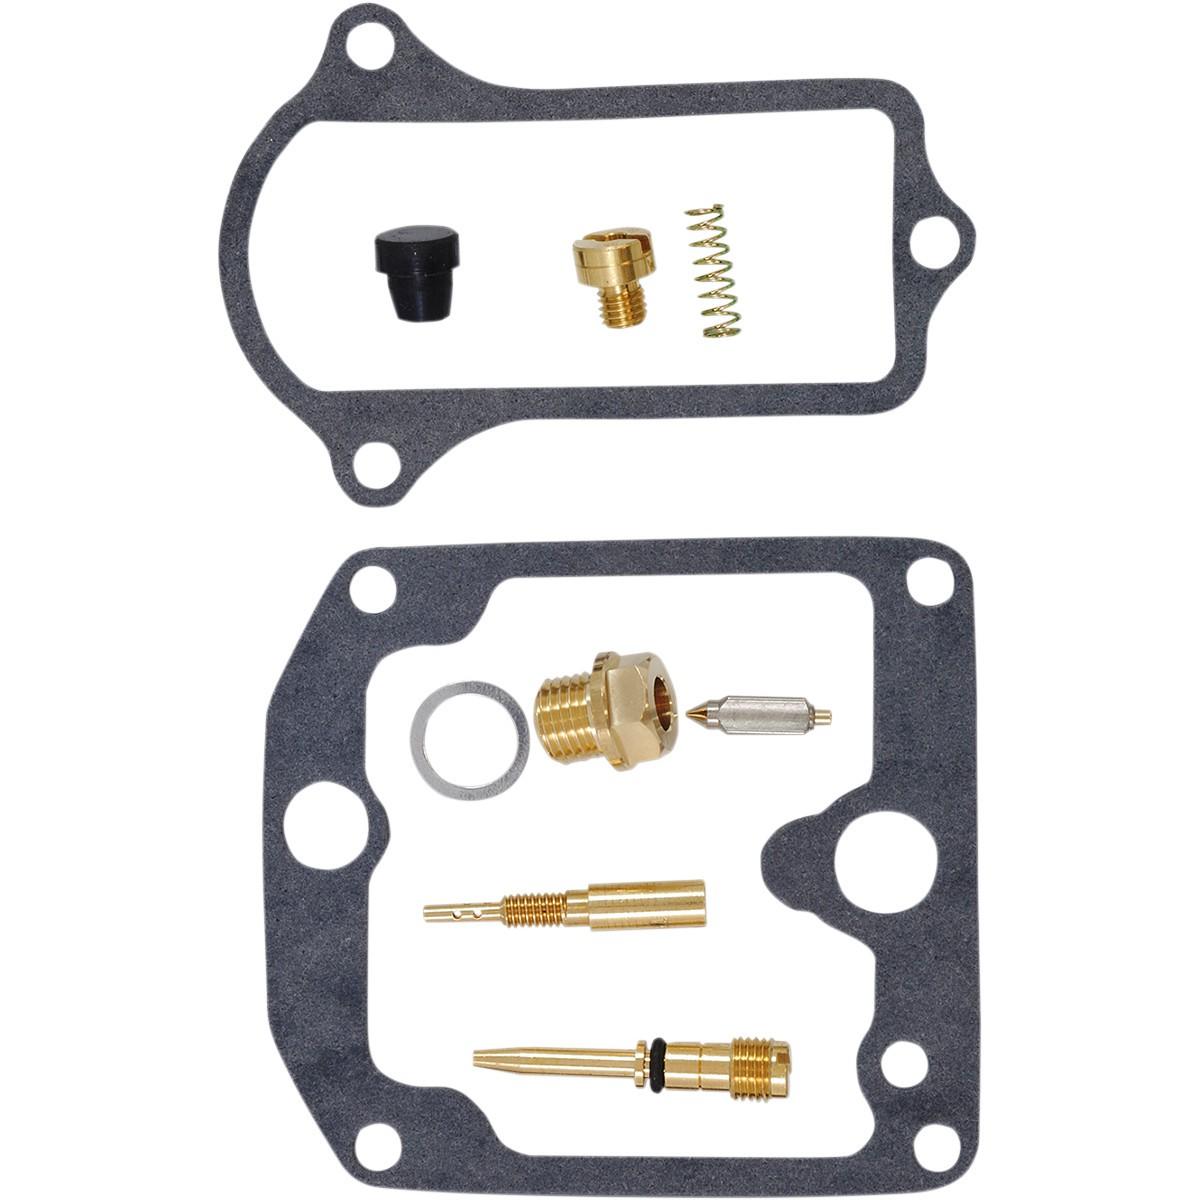 K&L Pro Carburetor Repair Kit - 18-2583